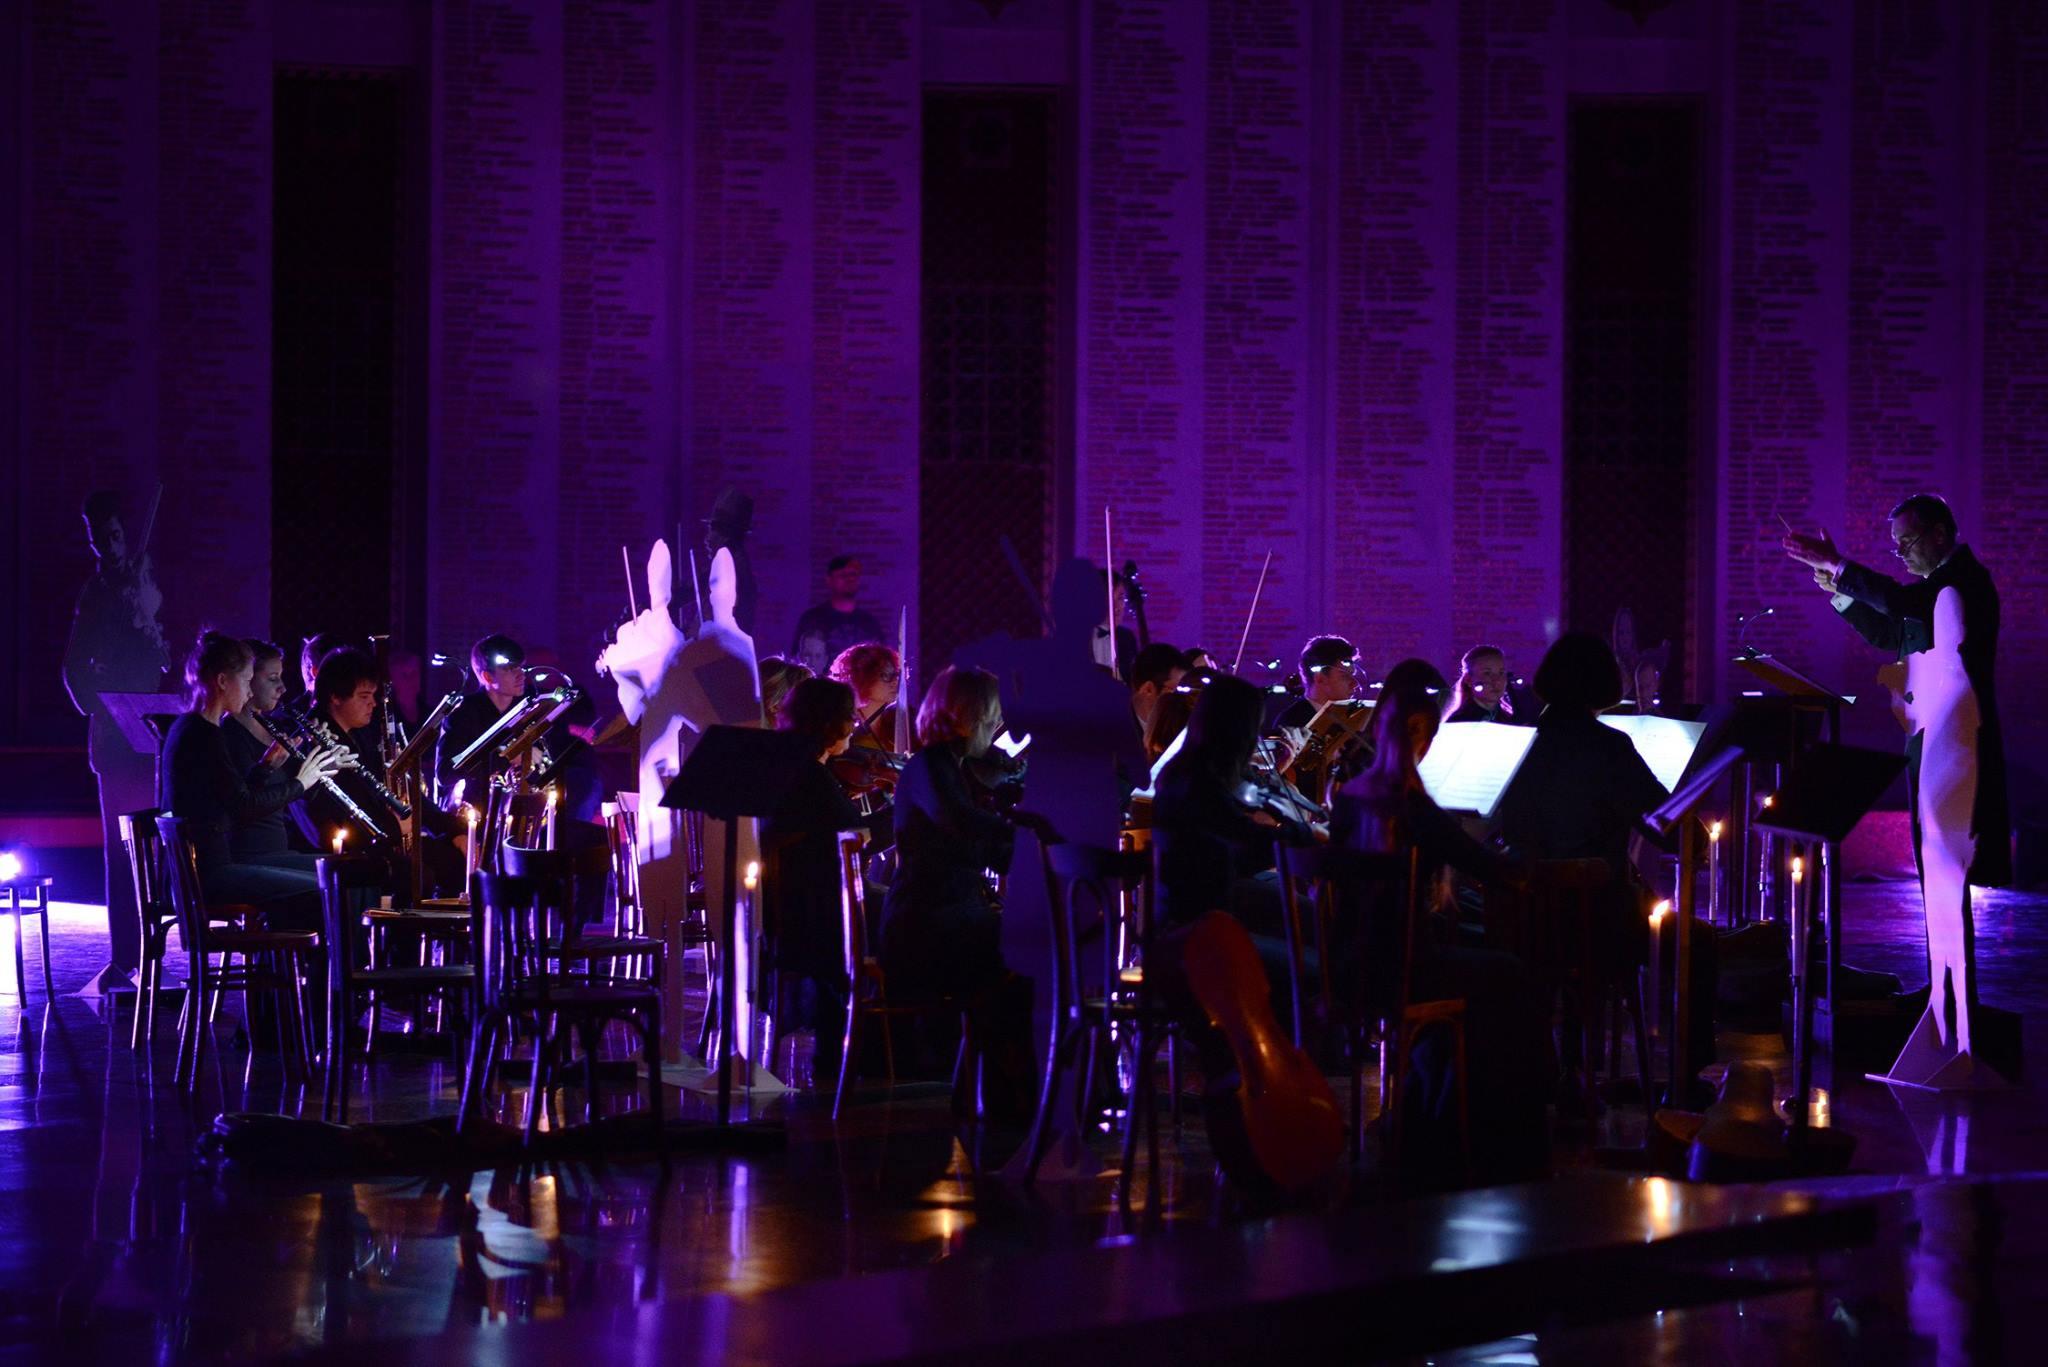 В конце каждой экскурсионной программы прозвучит Симфония №45 («Прощальная») Йозефа Гайдна в исполнении Московского камерного оркестра «Времена года».